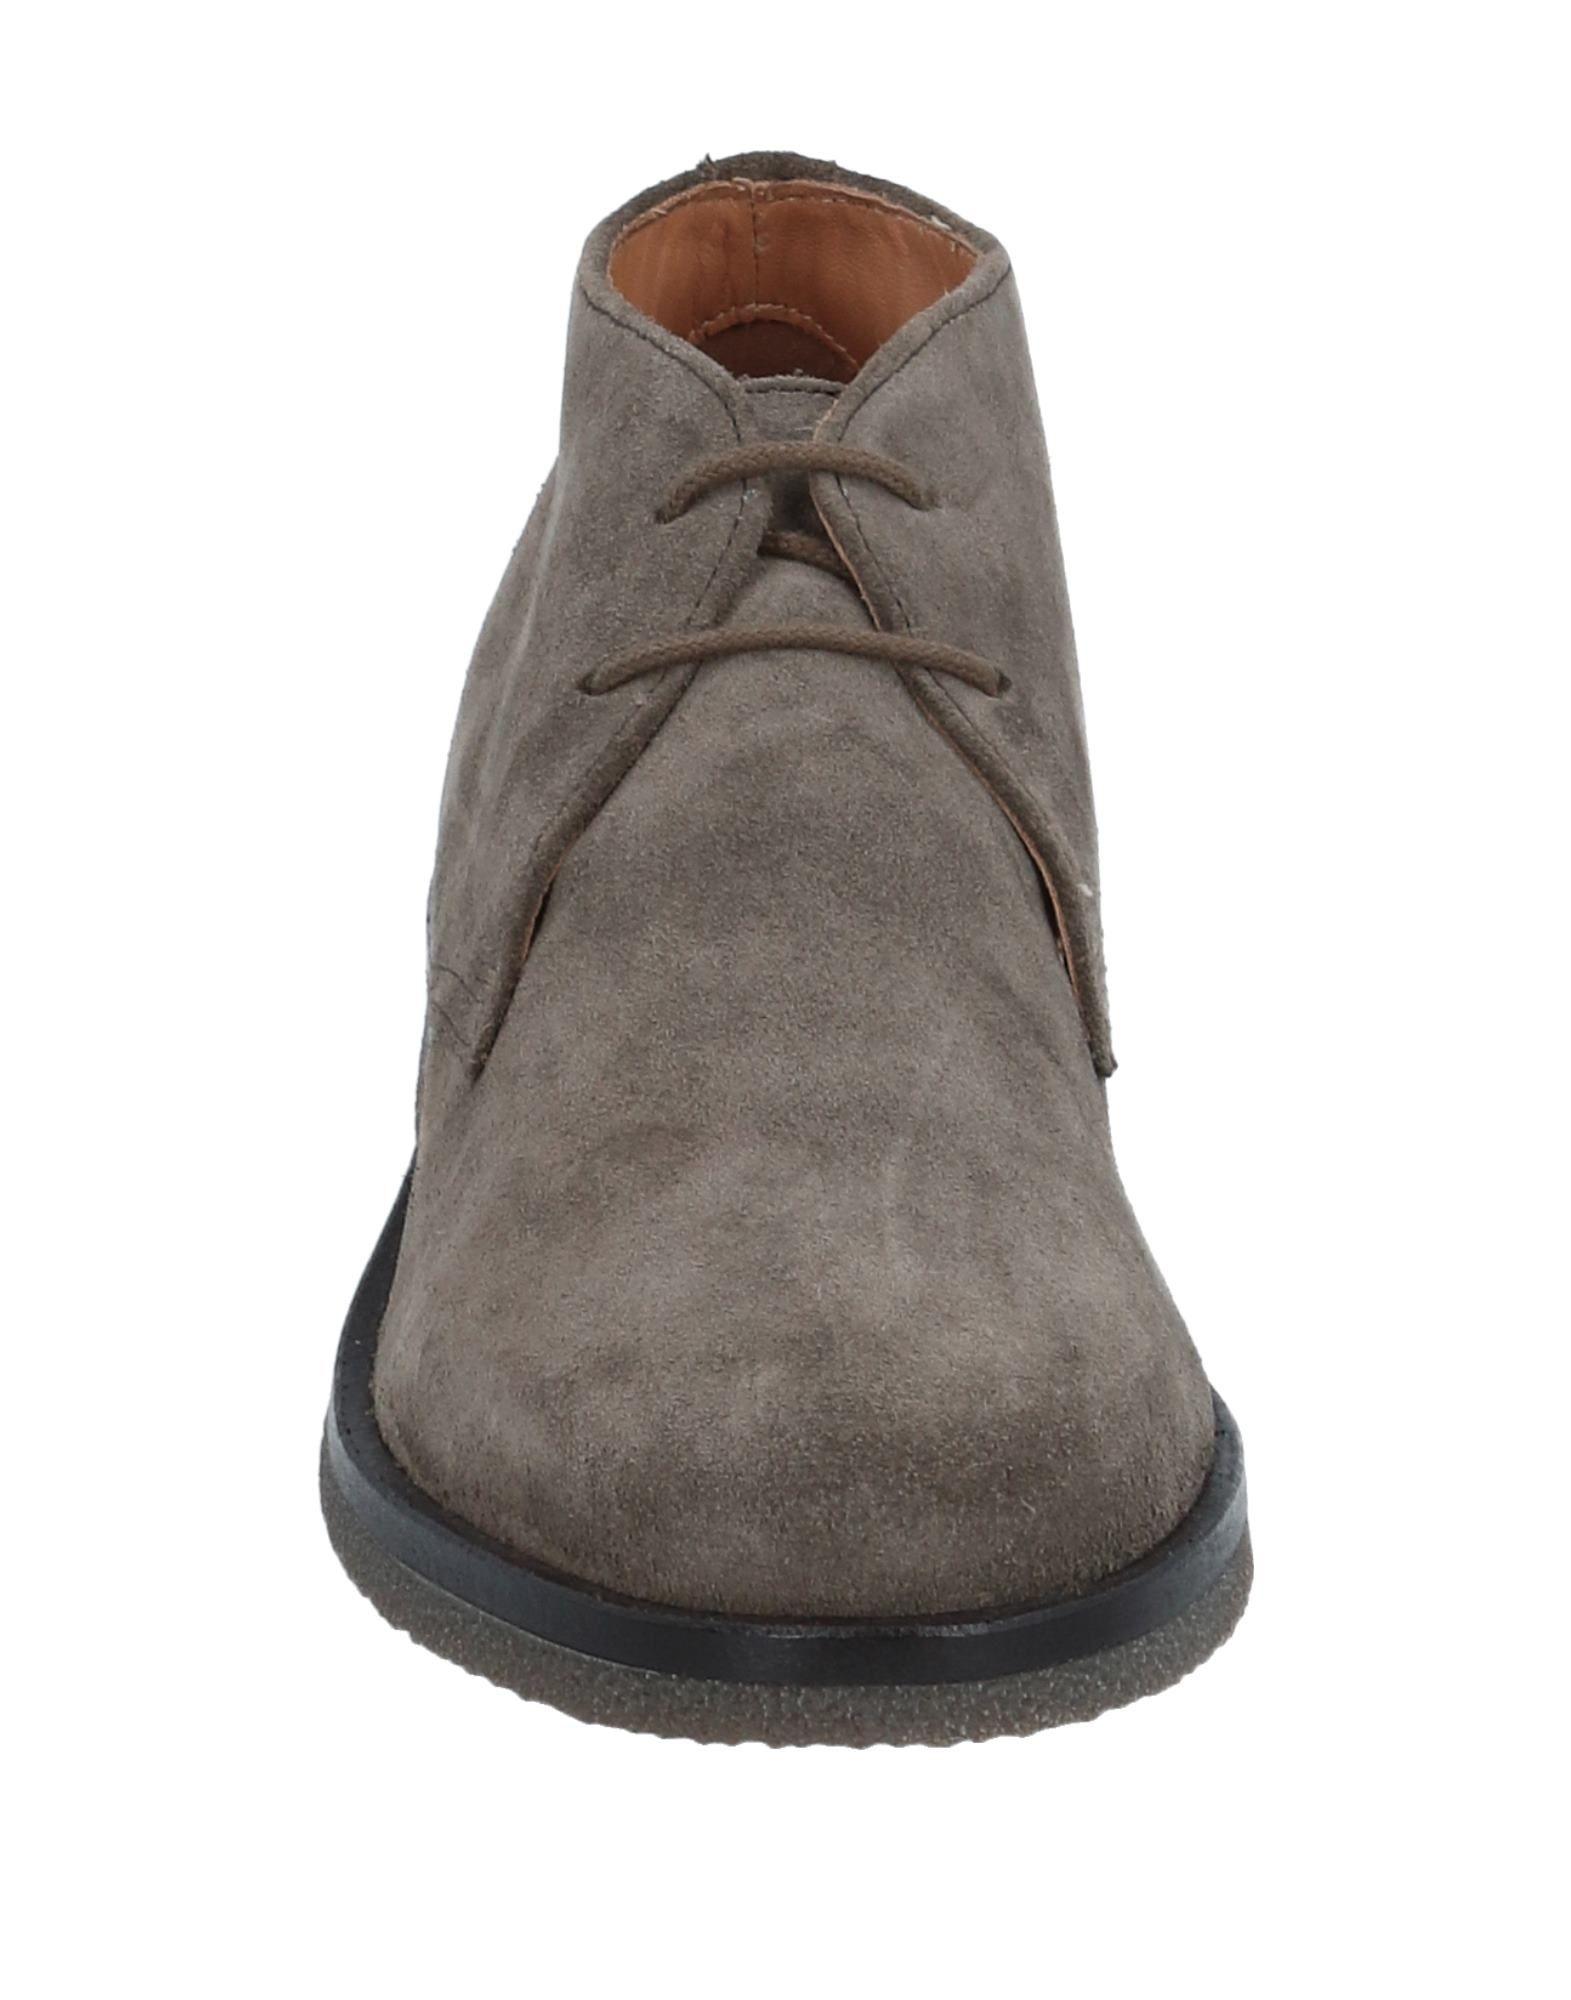 Rabatt echte Schuhe Geox  Stiefelette Herren  Geox 44901183CE 8b3486